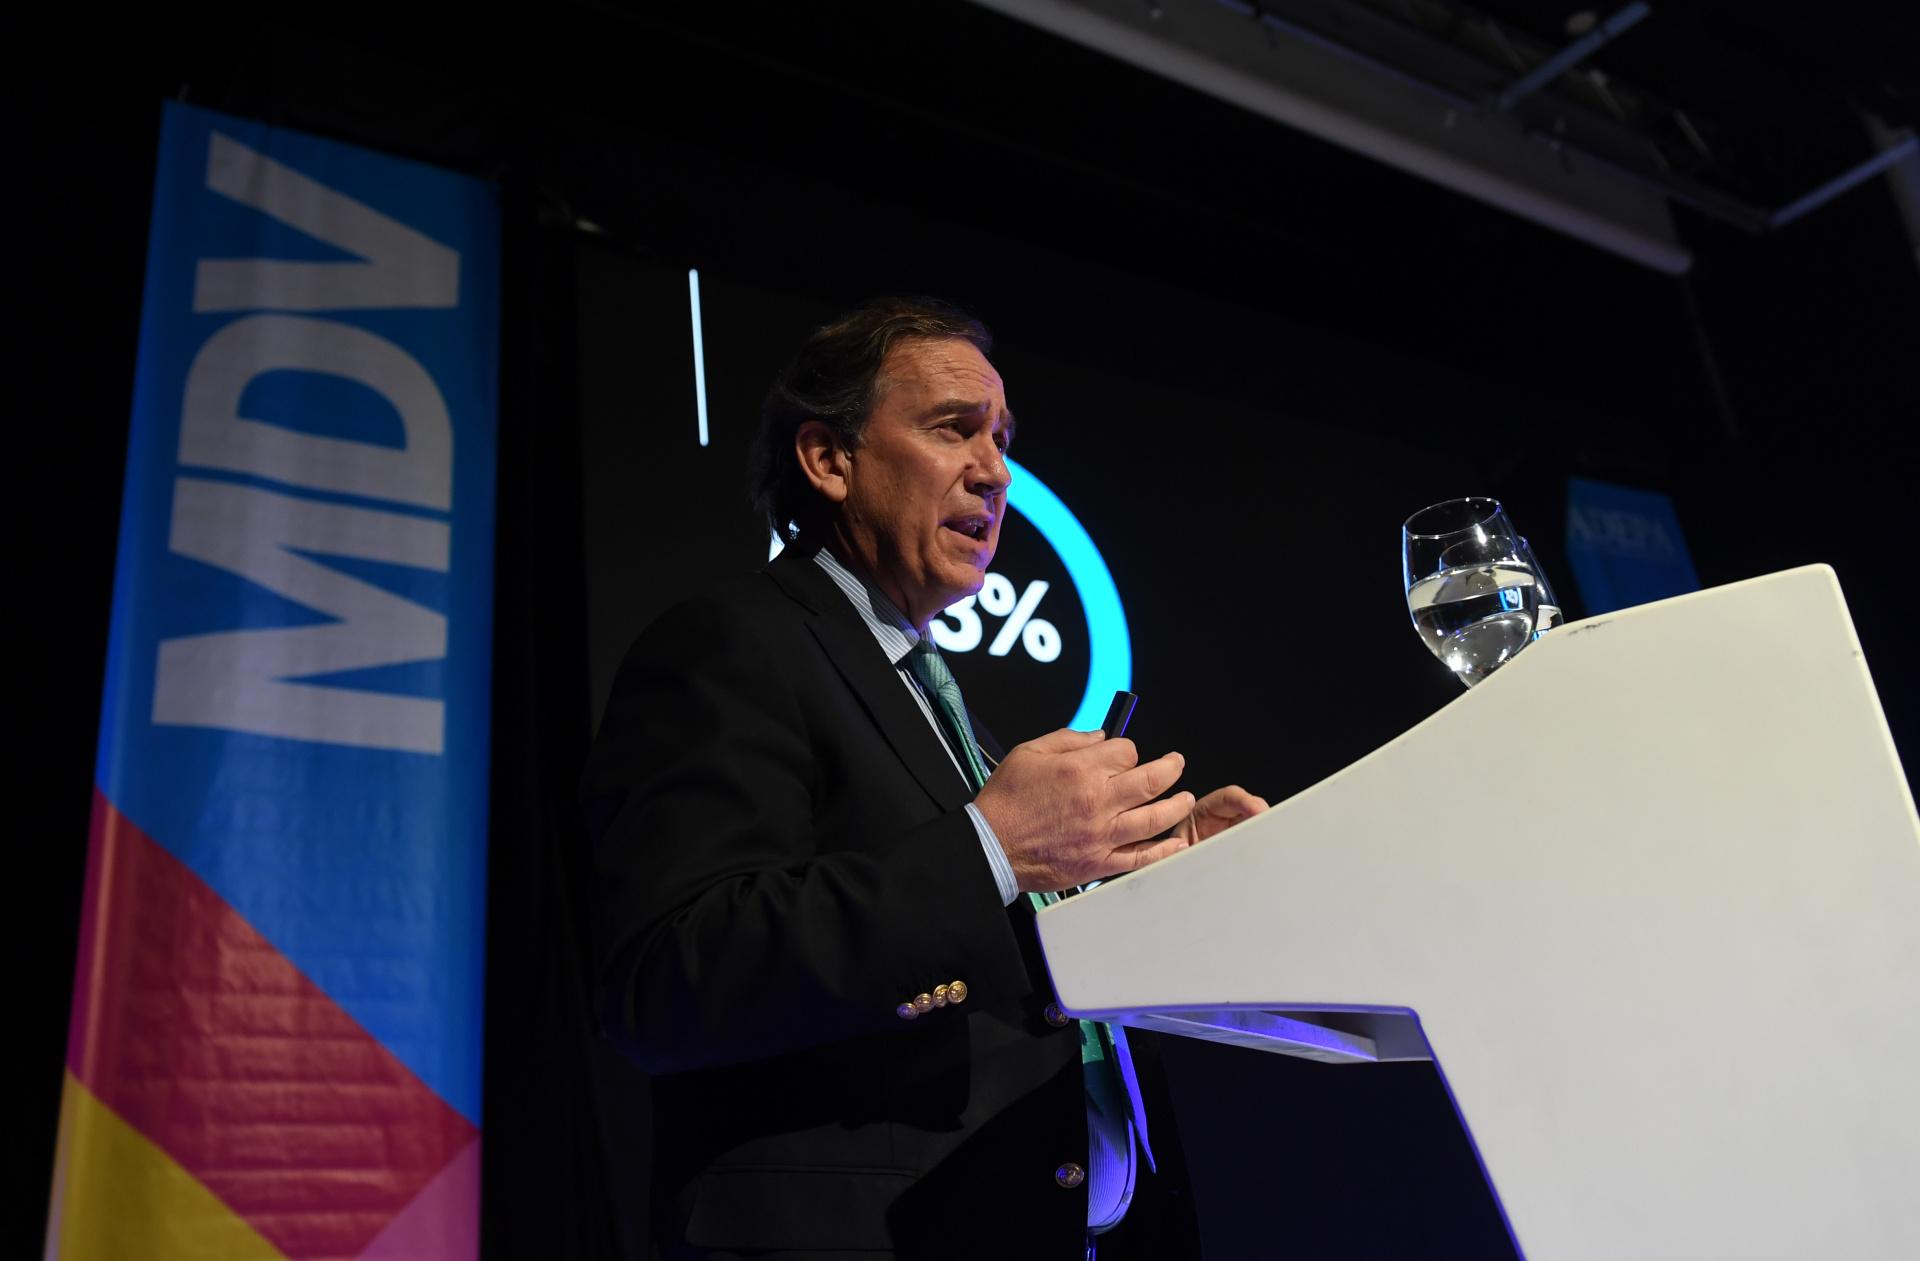 Juan Jaime Díaz Cuaquelin, presidente de la Asociación Nacional de Prensa de Chile, expuso sobre el desafío de las marcas y los medios